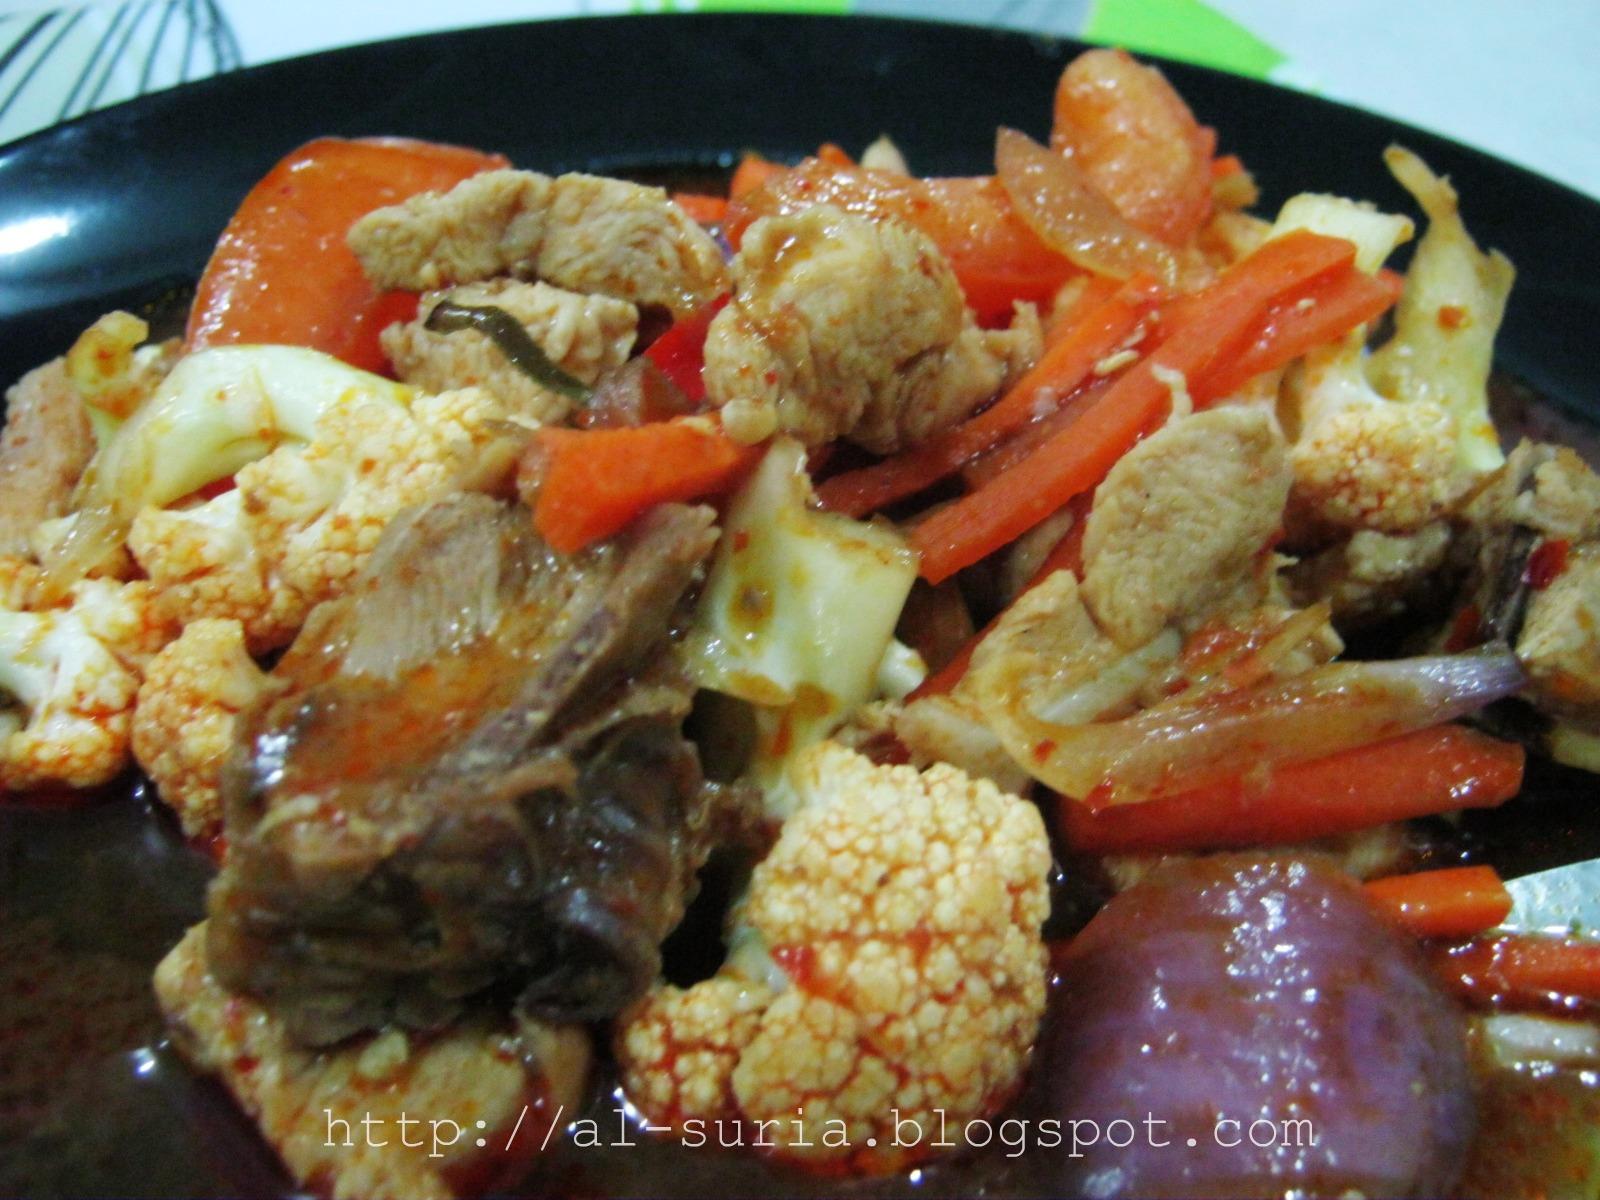 resepi paprik ayam sedap mudah rasmi suc Resepi Macaroni Goreng Sinar Kehidupanku Enak dan Mudah